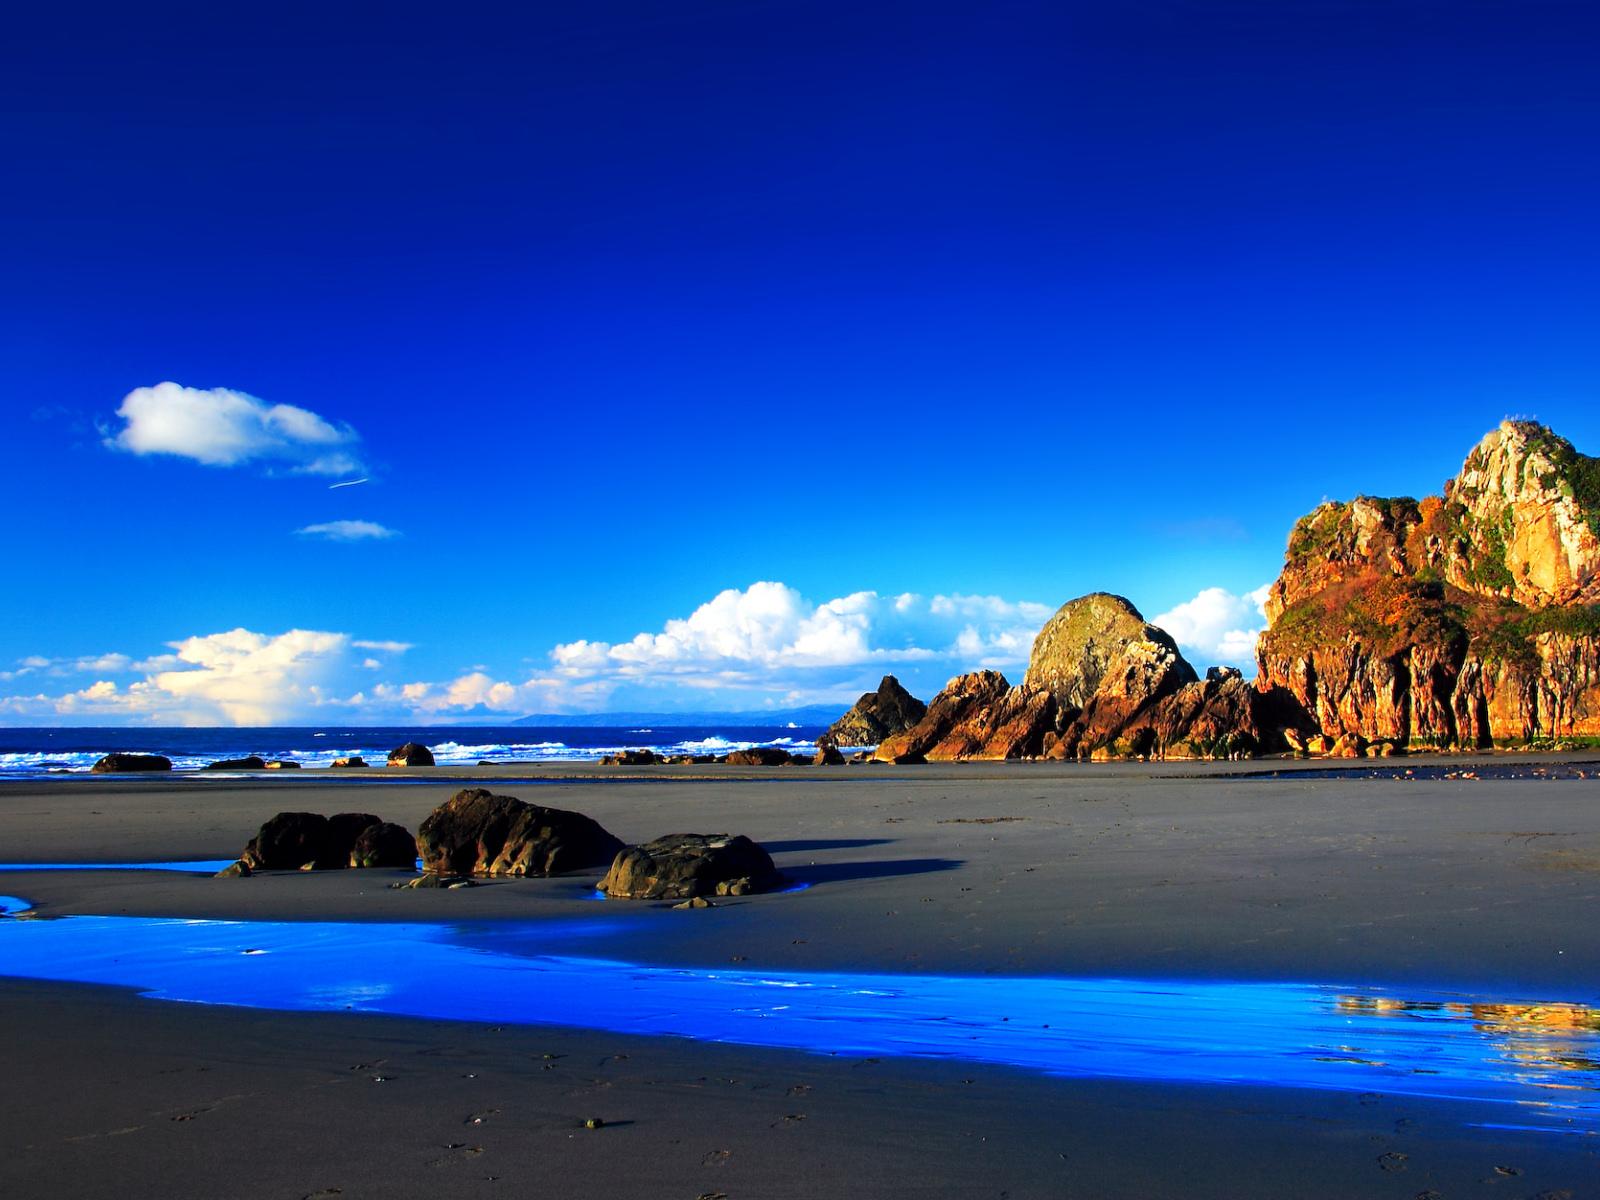 Blue Love In The Sky Wallpaper Wallpapers Free Skies Clouds Desktop